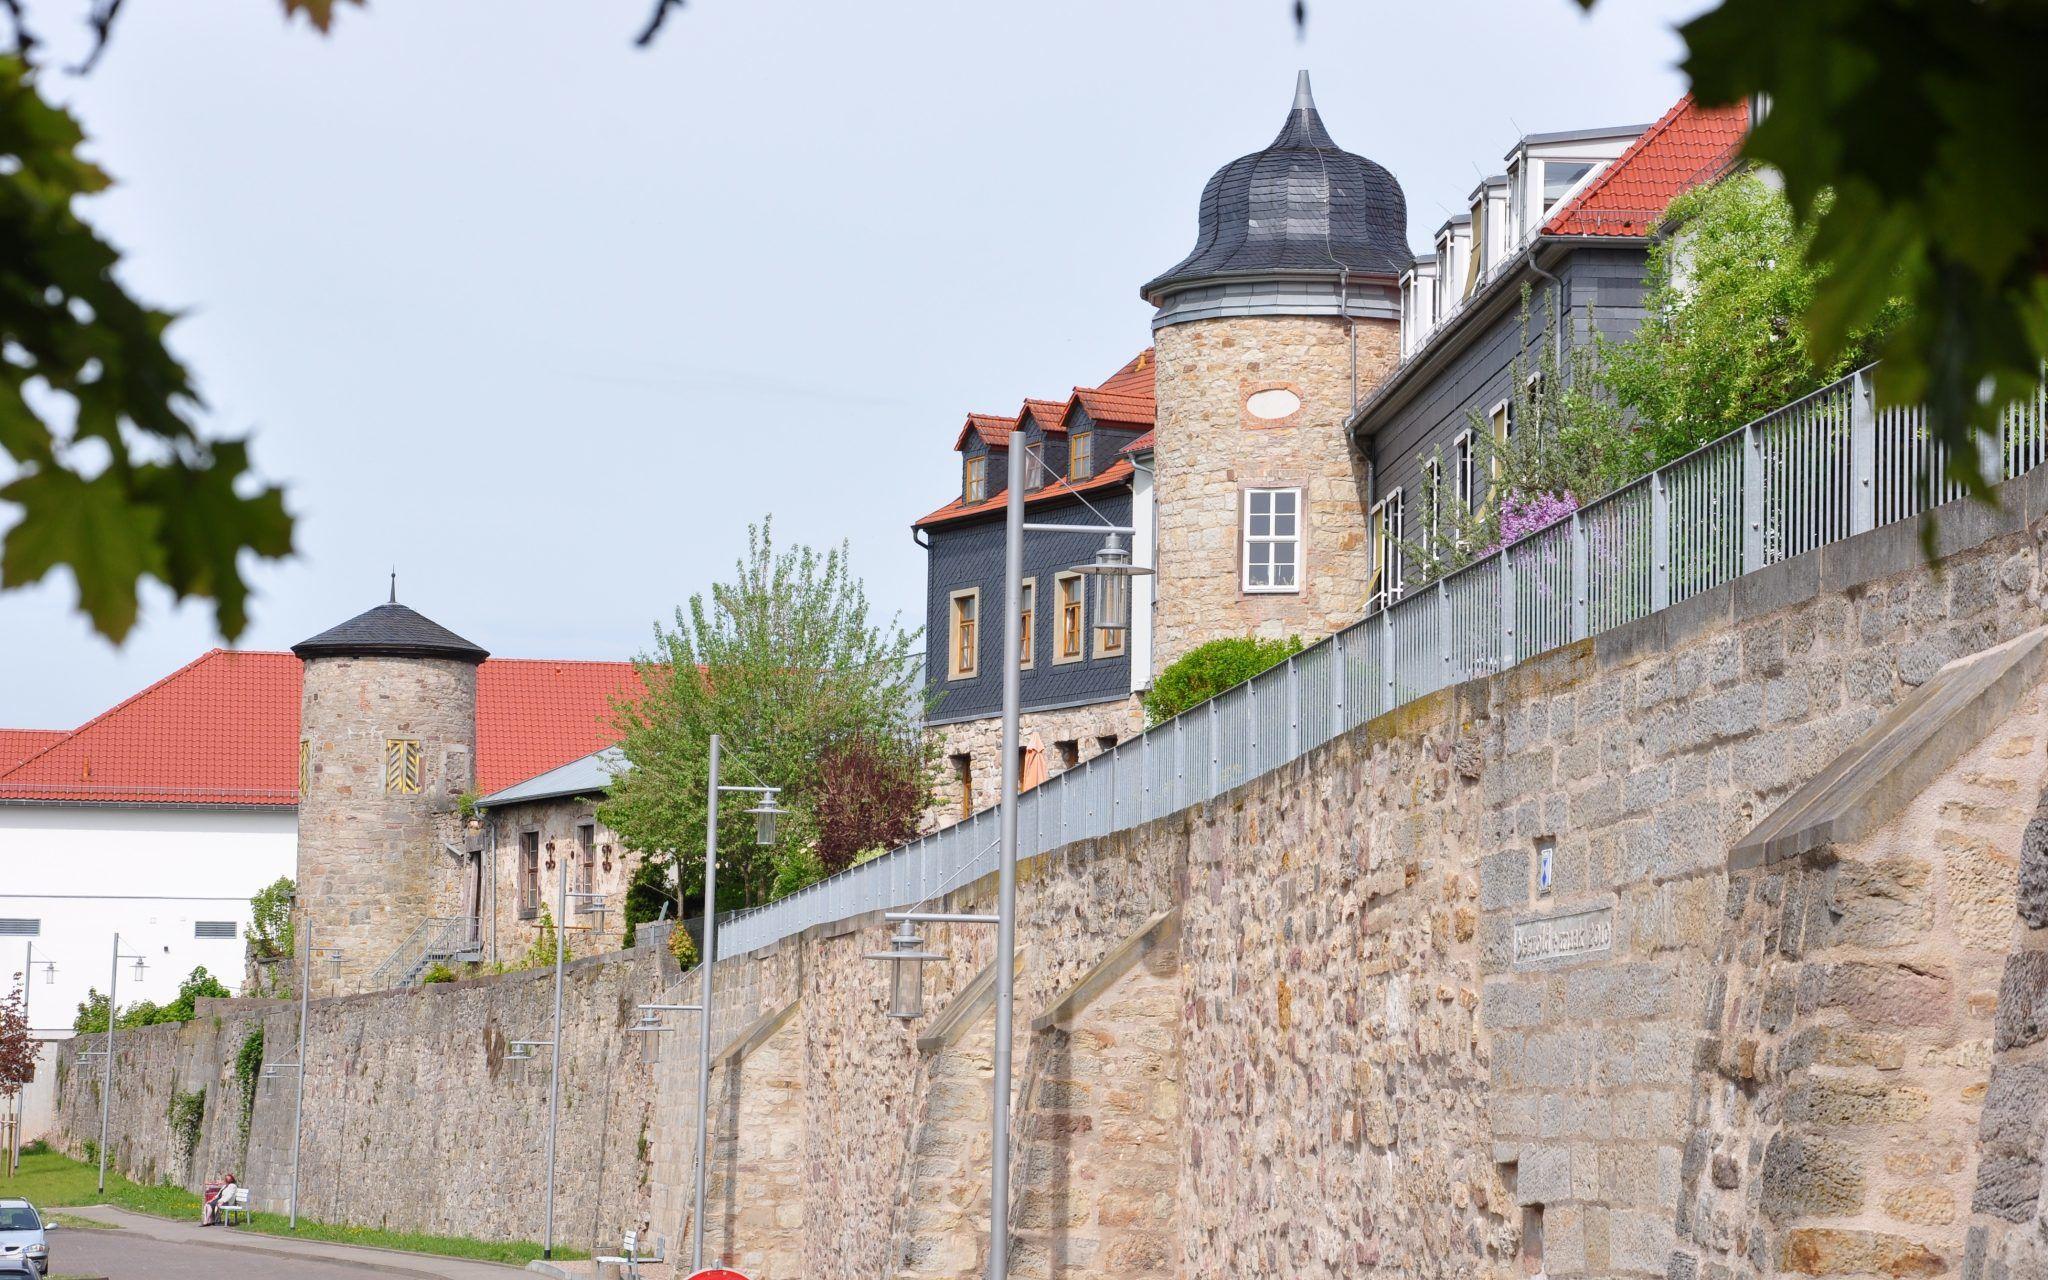 Marder Kammerjäger Hildburghausen